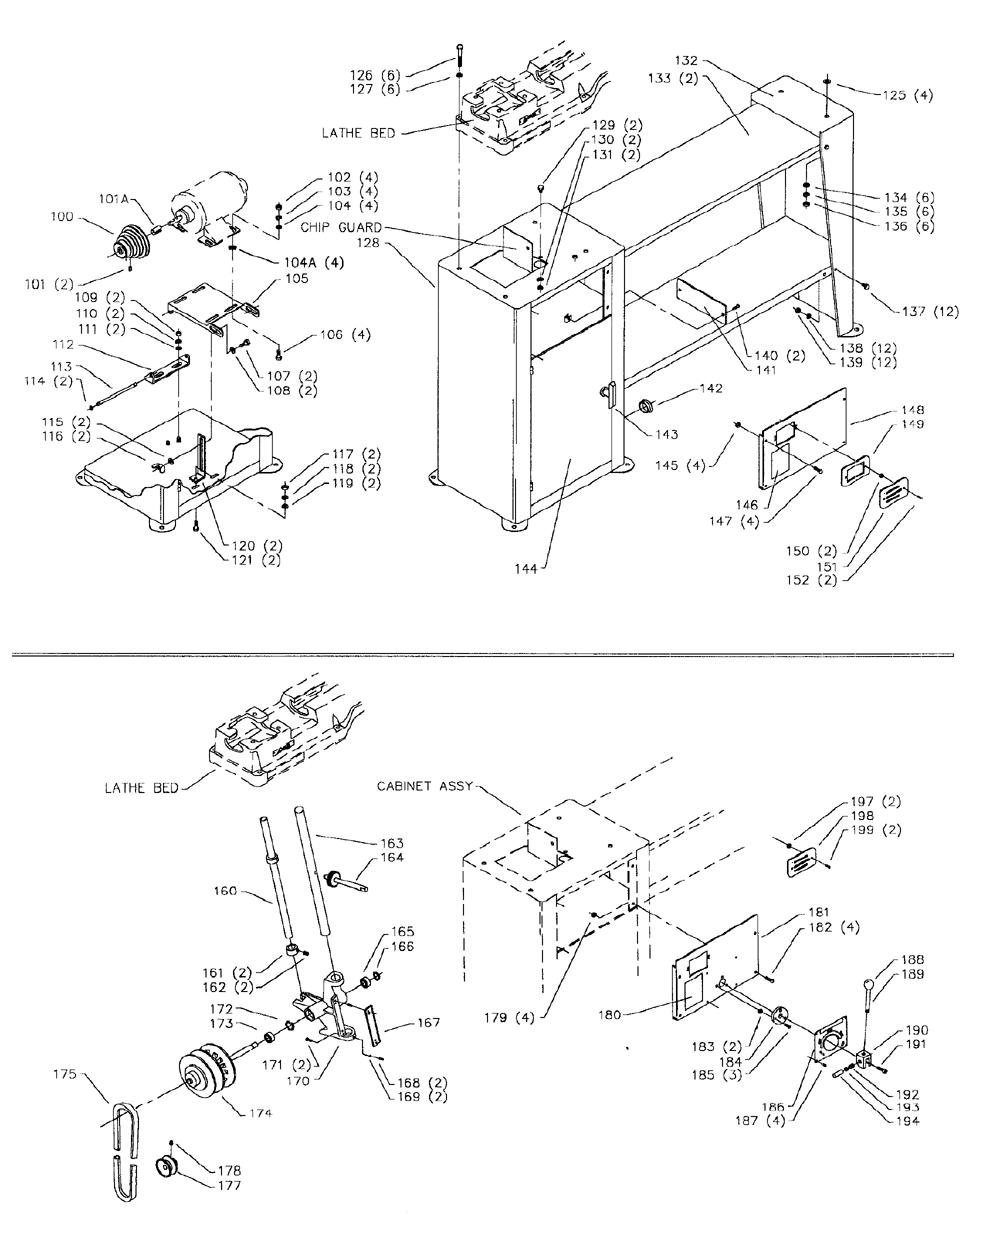 46-229-Delta-T2-PB-1Break Down